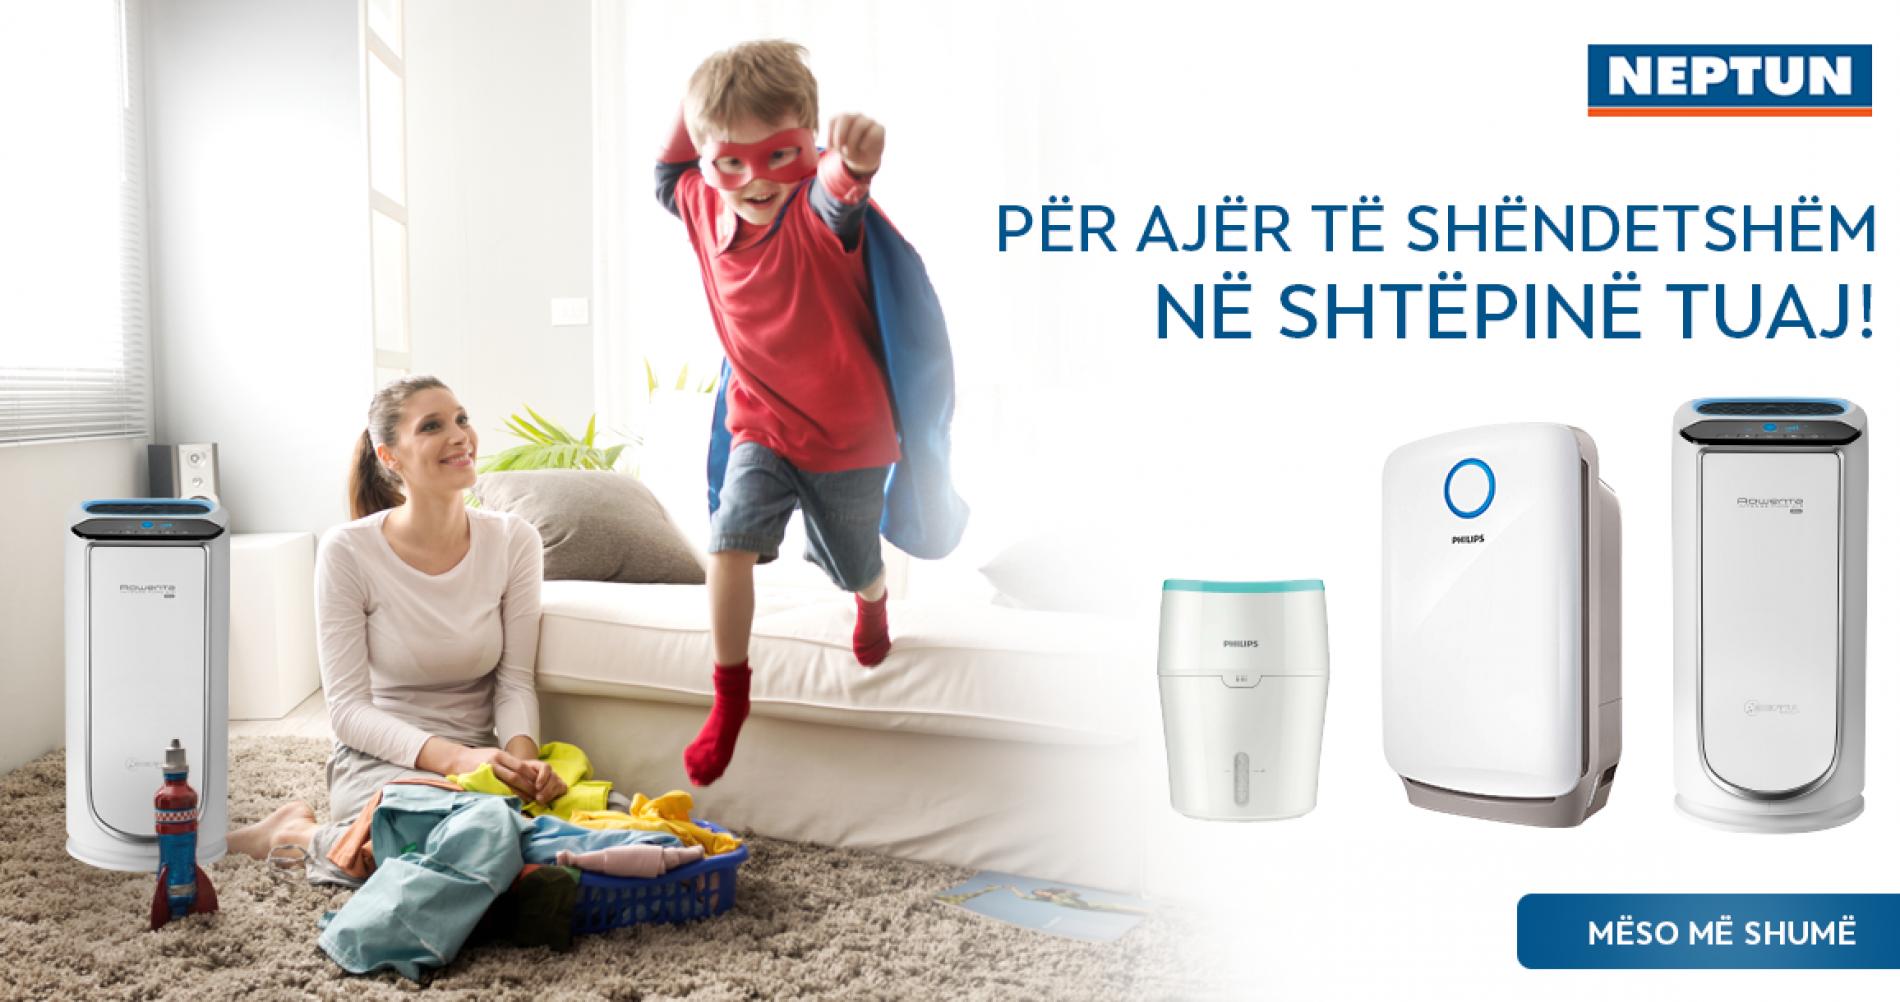 Për ajër të shëndetshëm, në shtëpinë tuaj